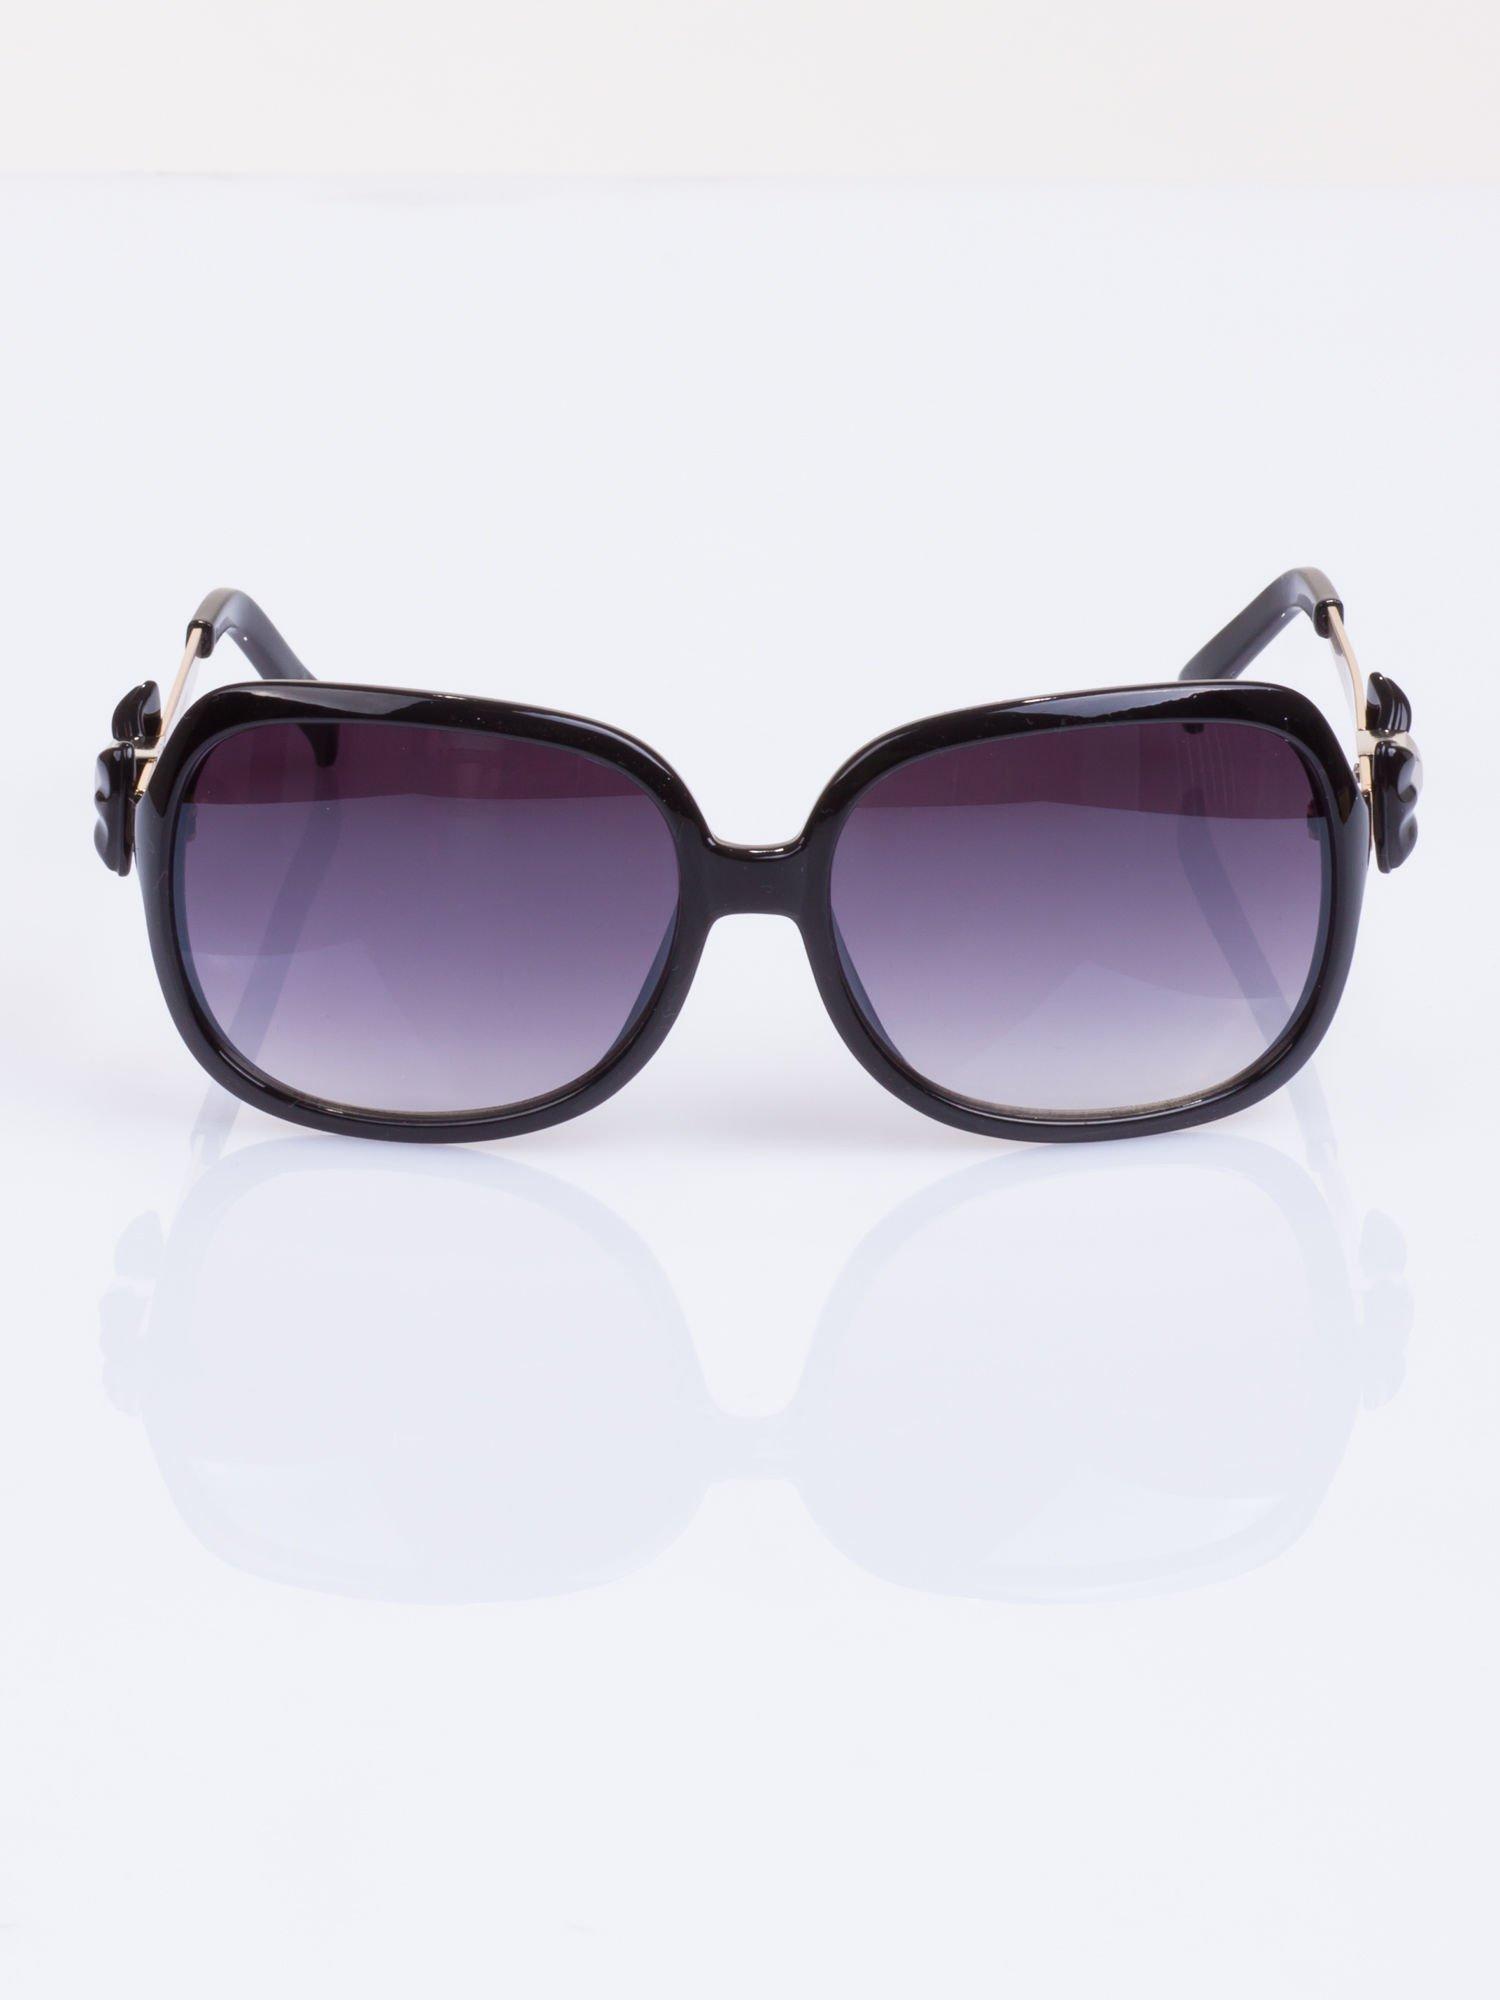 Czarne okulary klasyczne MUCHY z piękną kokardą na zauszniku                                   zdj.                                  2